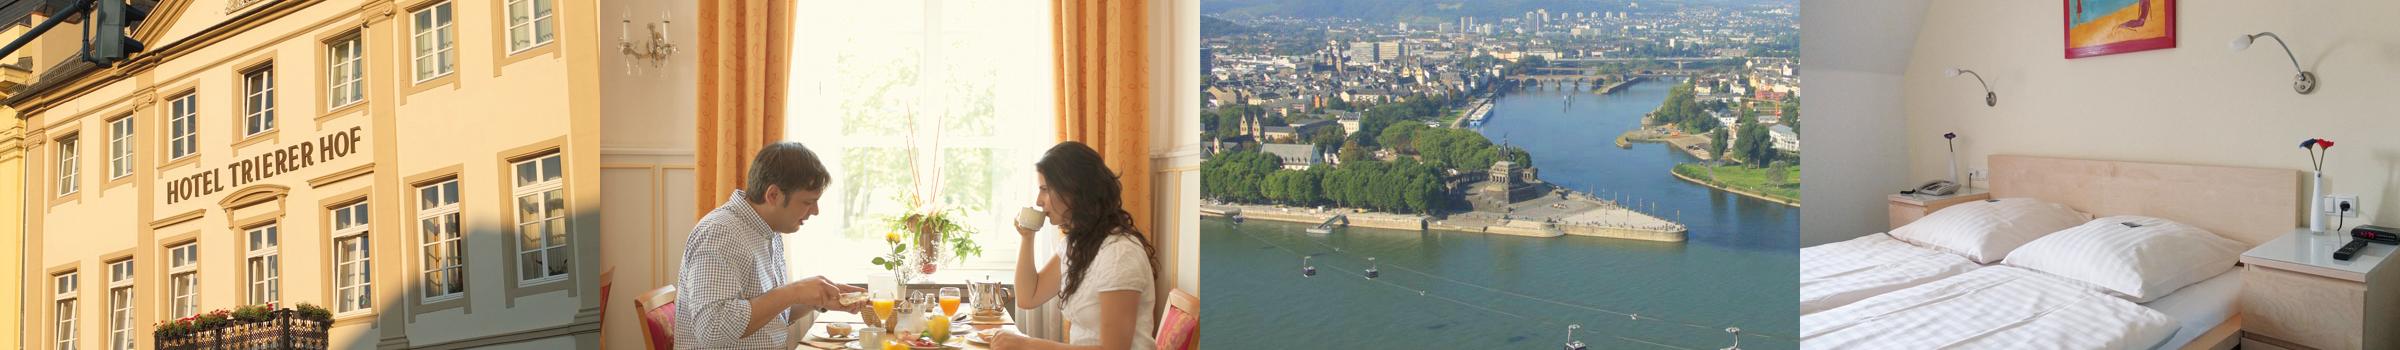 hotel-koblenz-triererhof_hotel_1-17